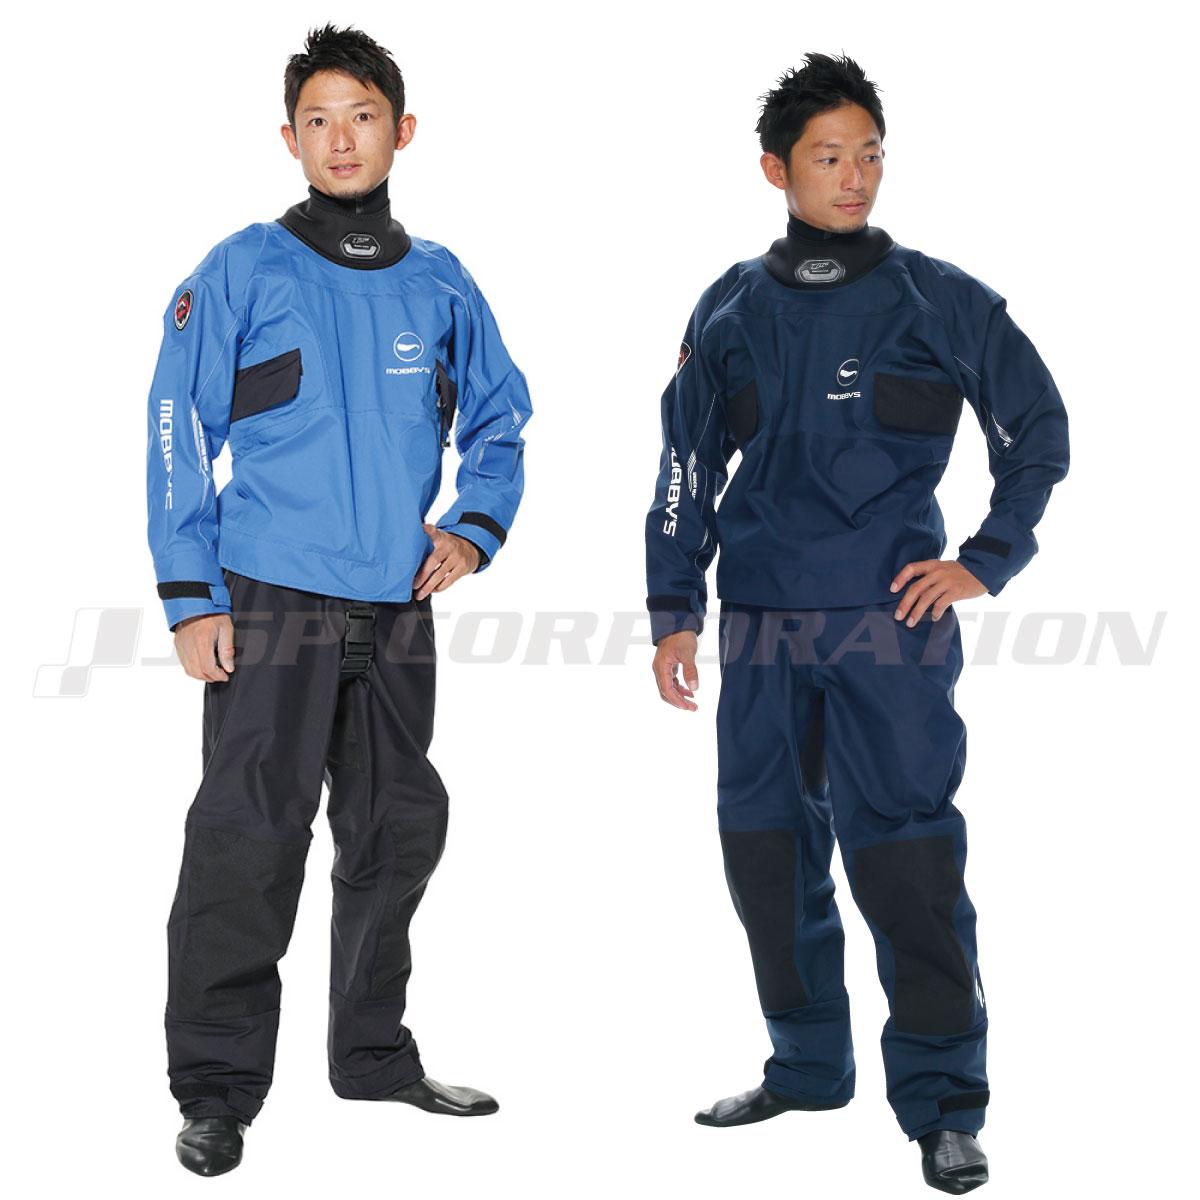 ドライスーツ メンズ/ウィメンズ T4 シングルハンダードライスーツソックスタイプ MOBBY'S / モビーズ ジェットスキー ウェイクボード 防寒